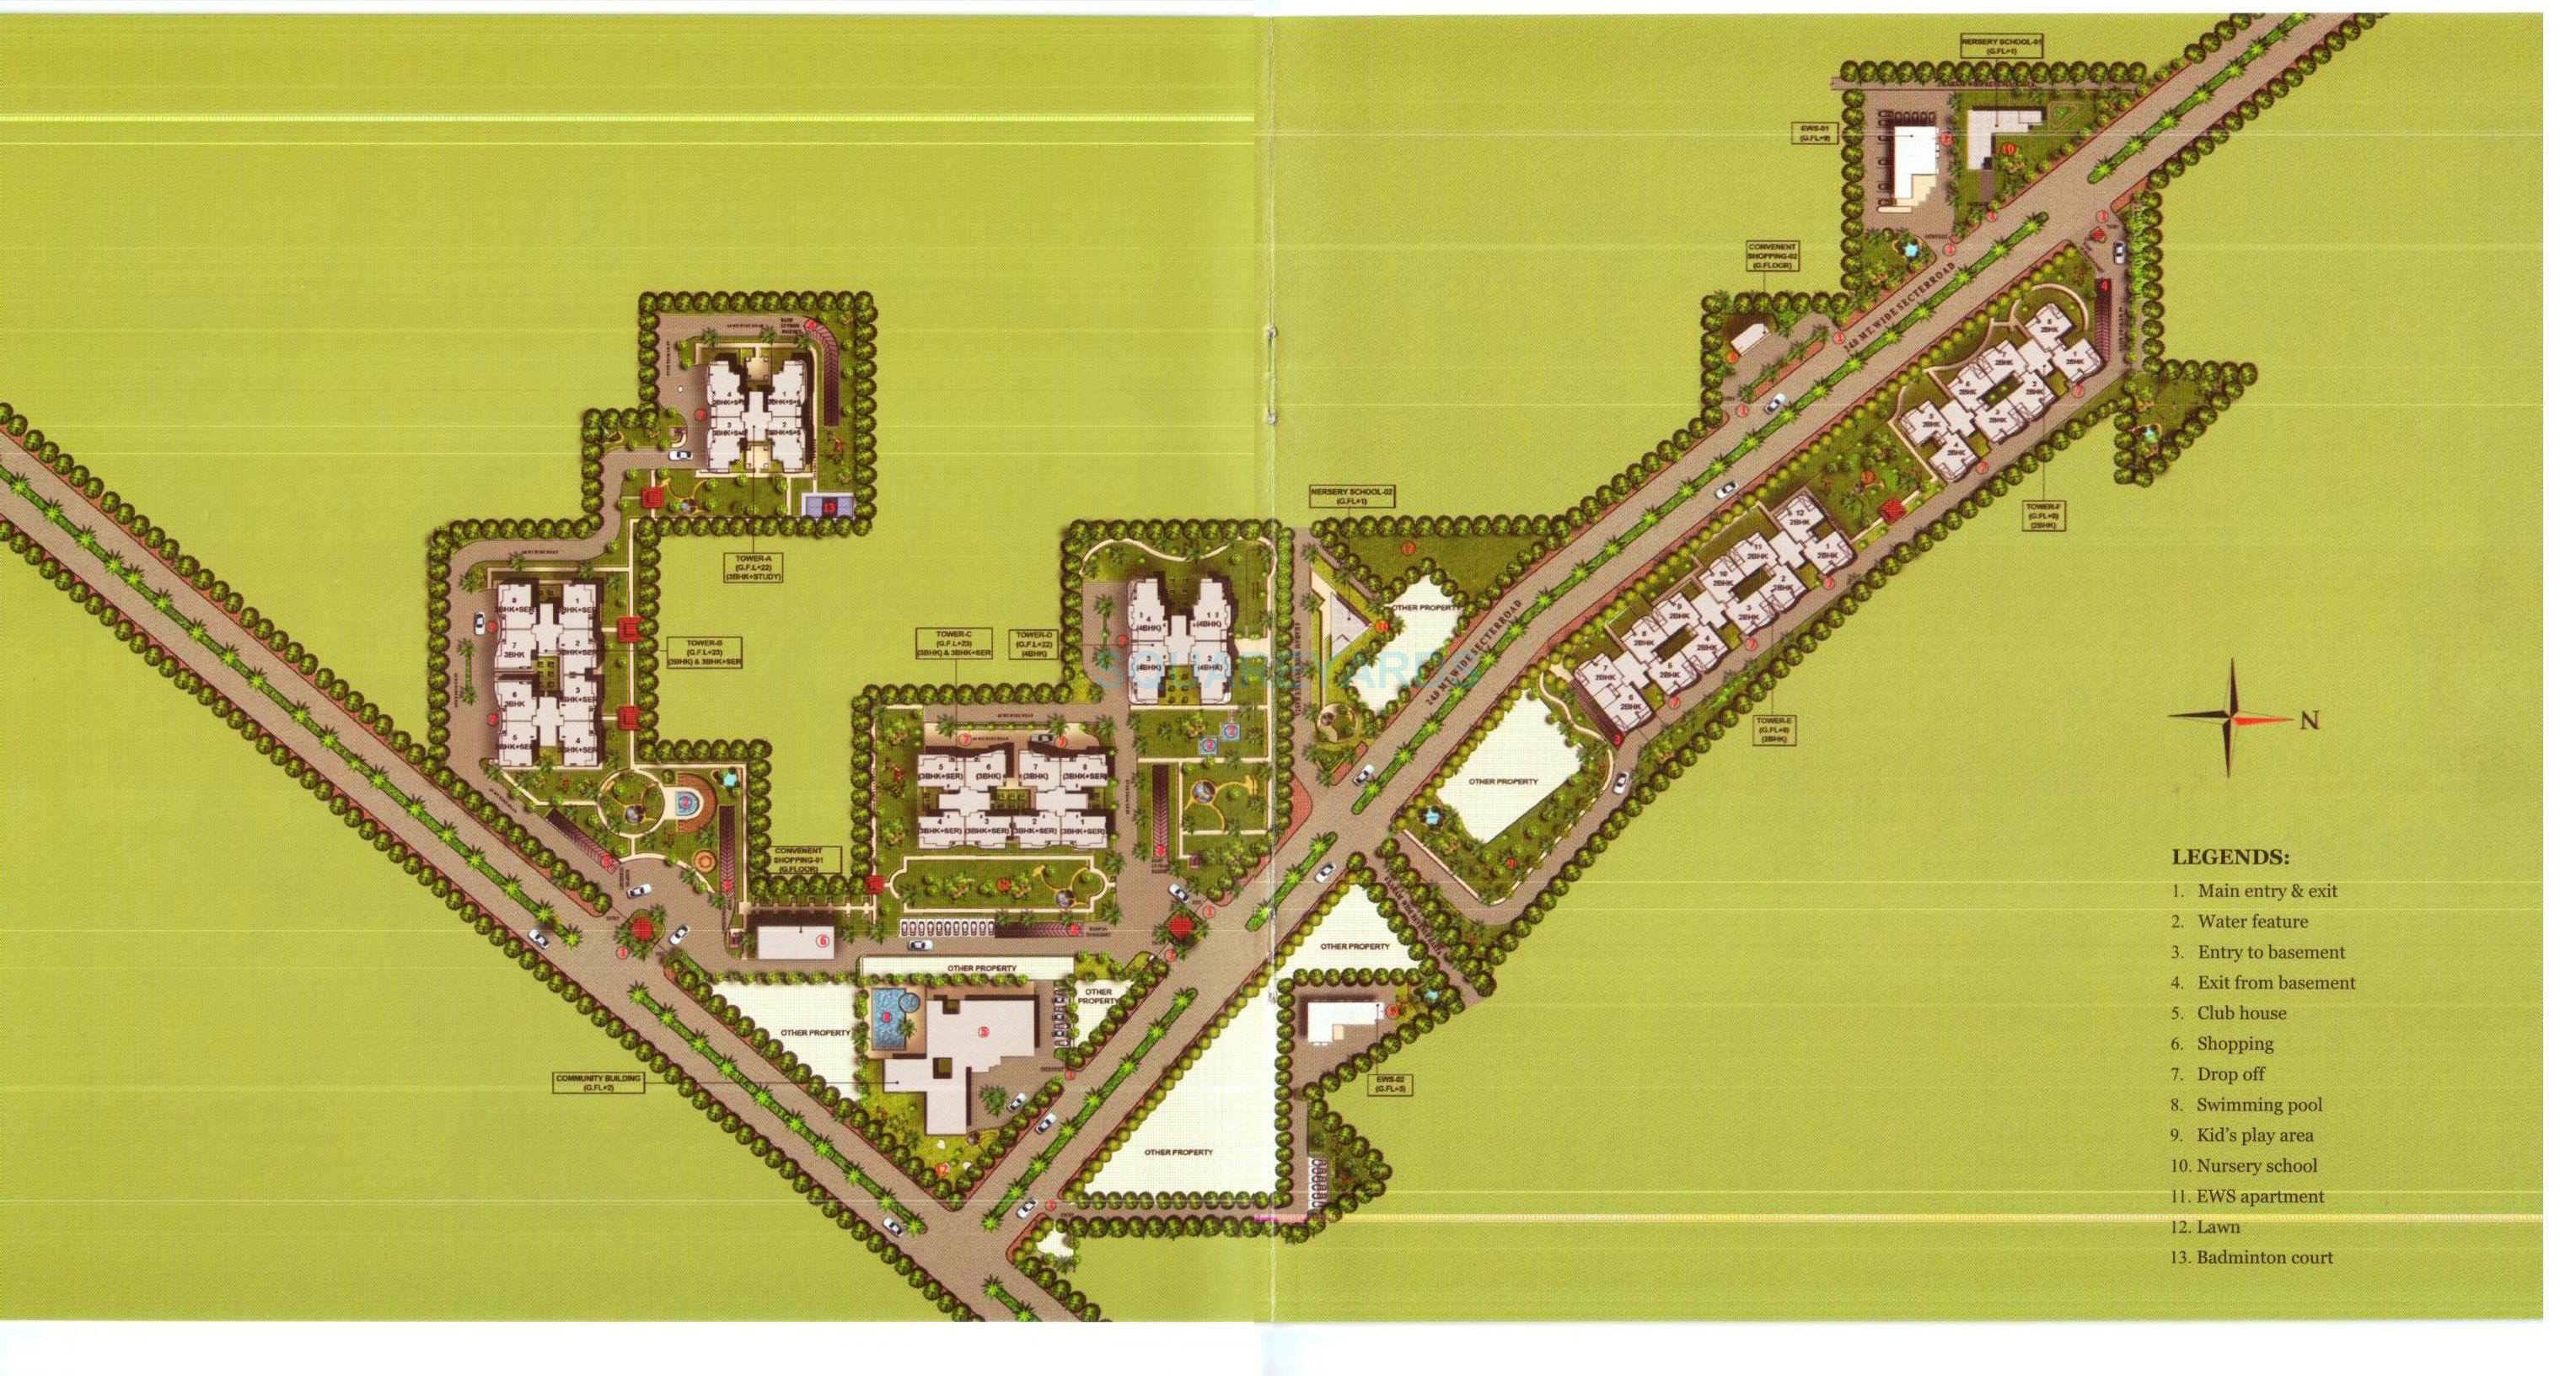 paras dews master plan image1